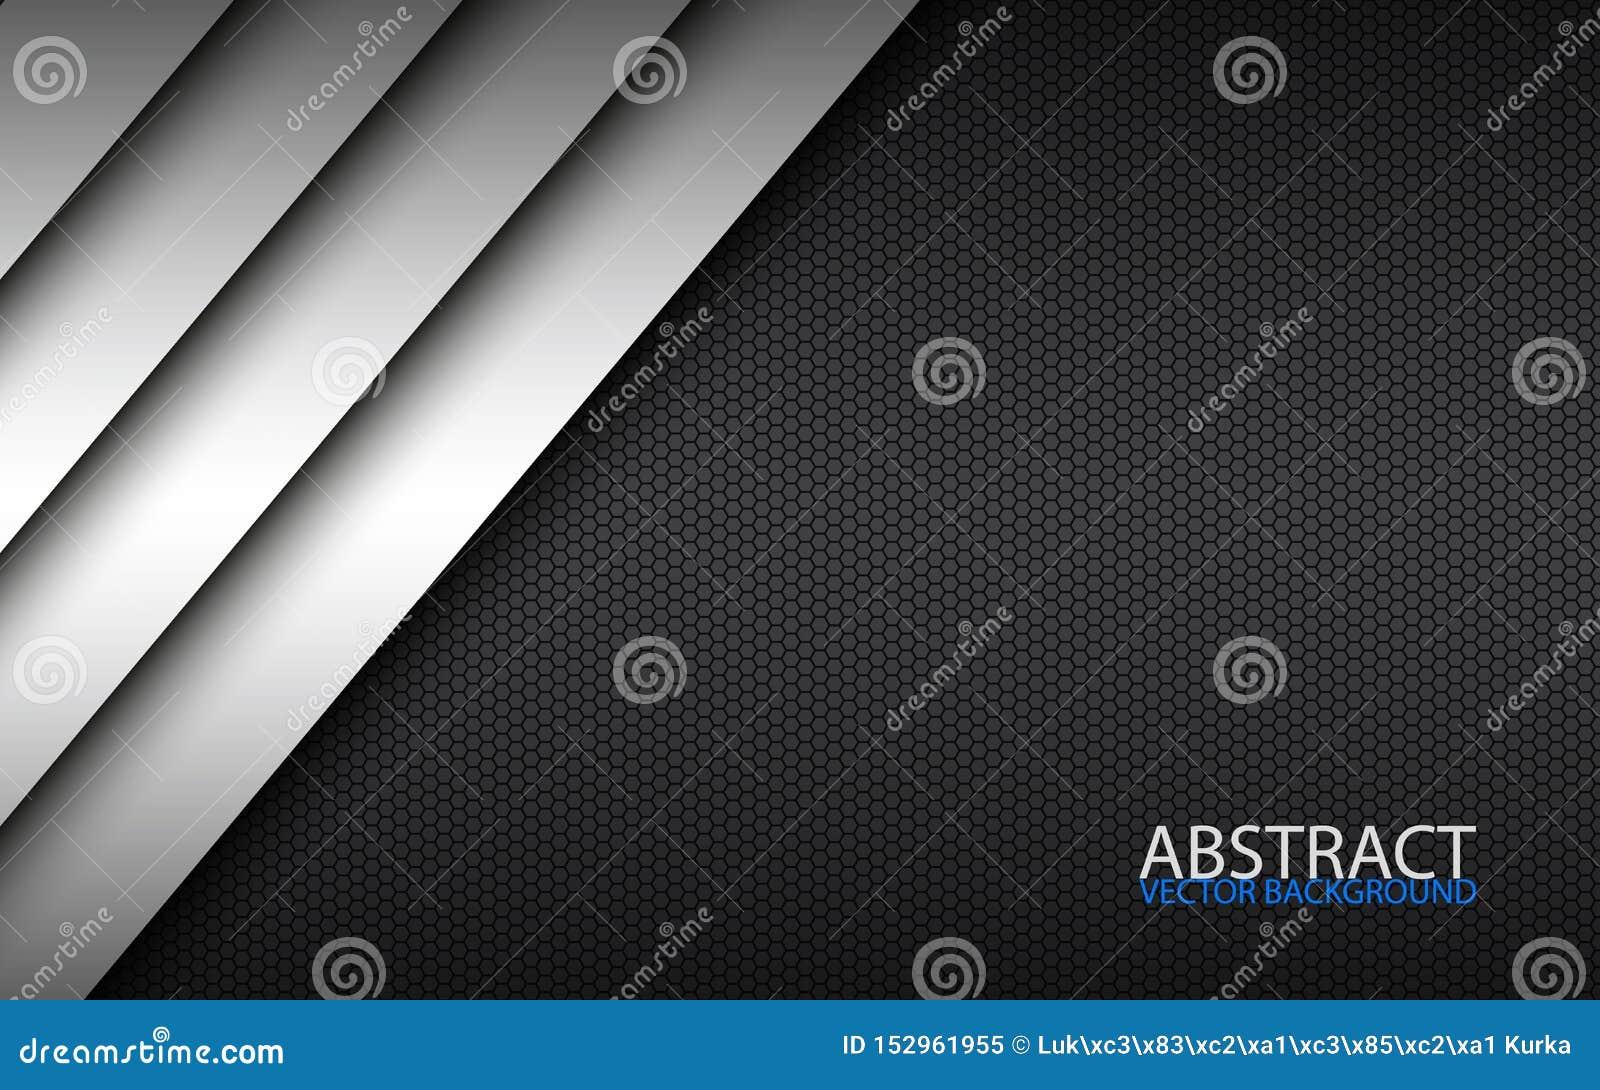 Czarny i biały nowożytny materialny projekt z heksagonalnym wzorem, korporacyjny szablon dla twój biznesu